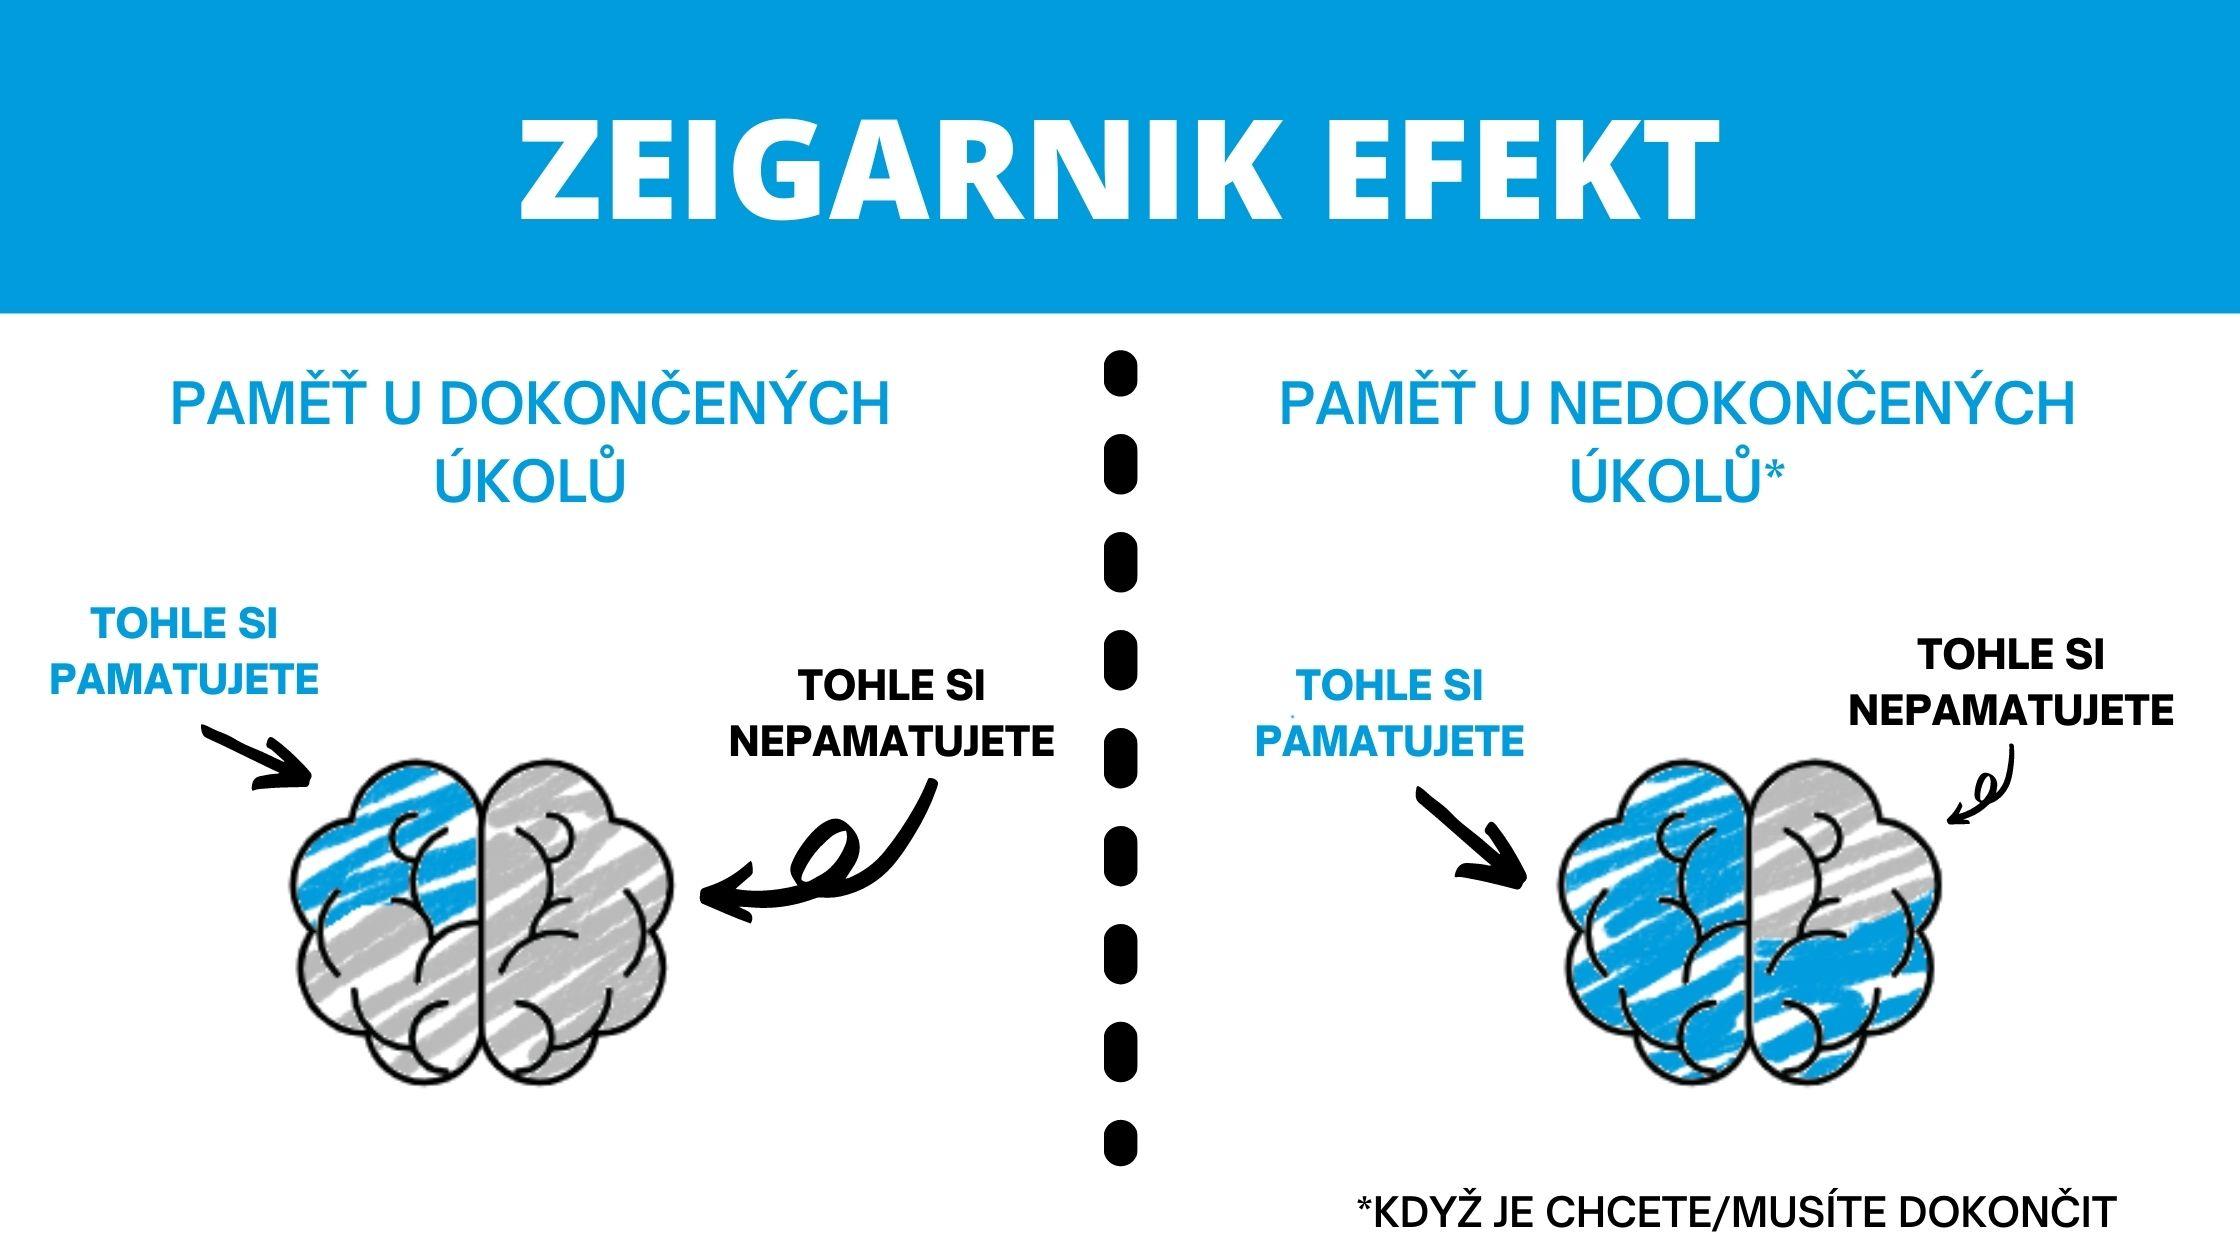 Zeigarnik-efekt